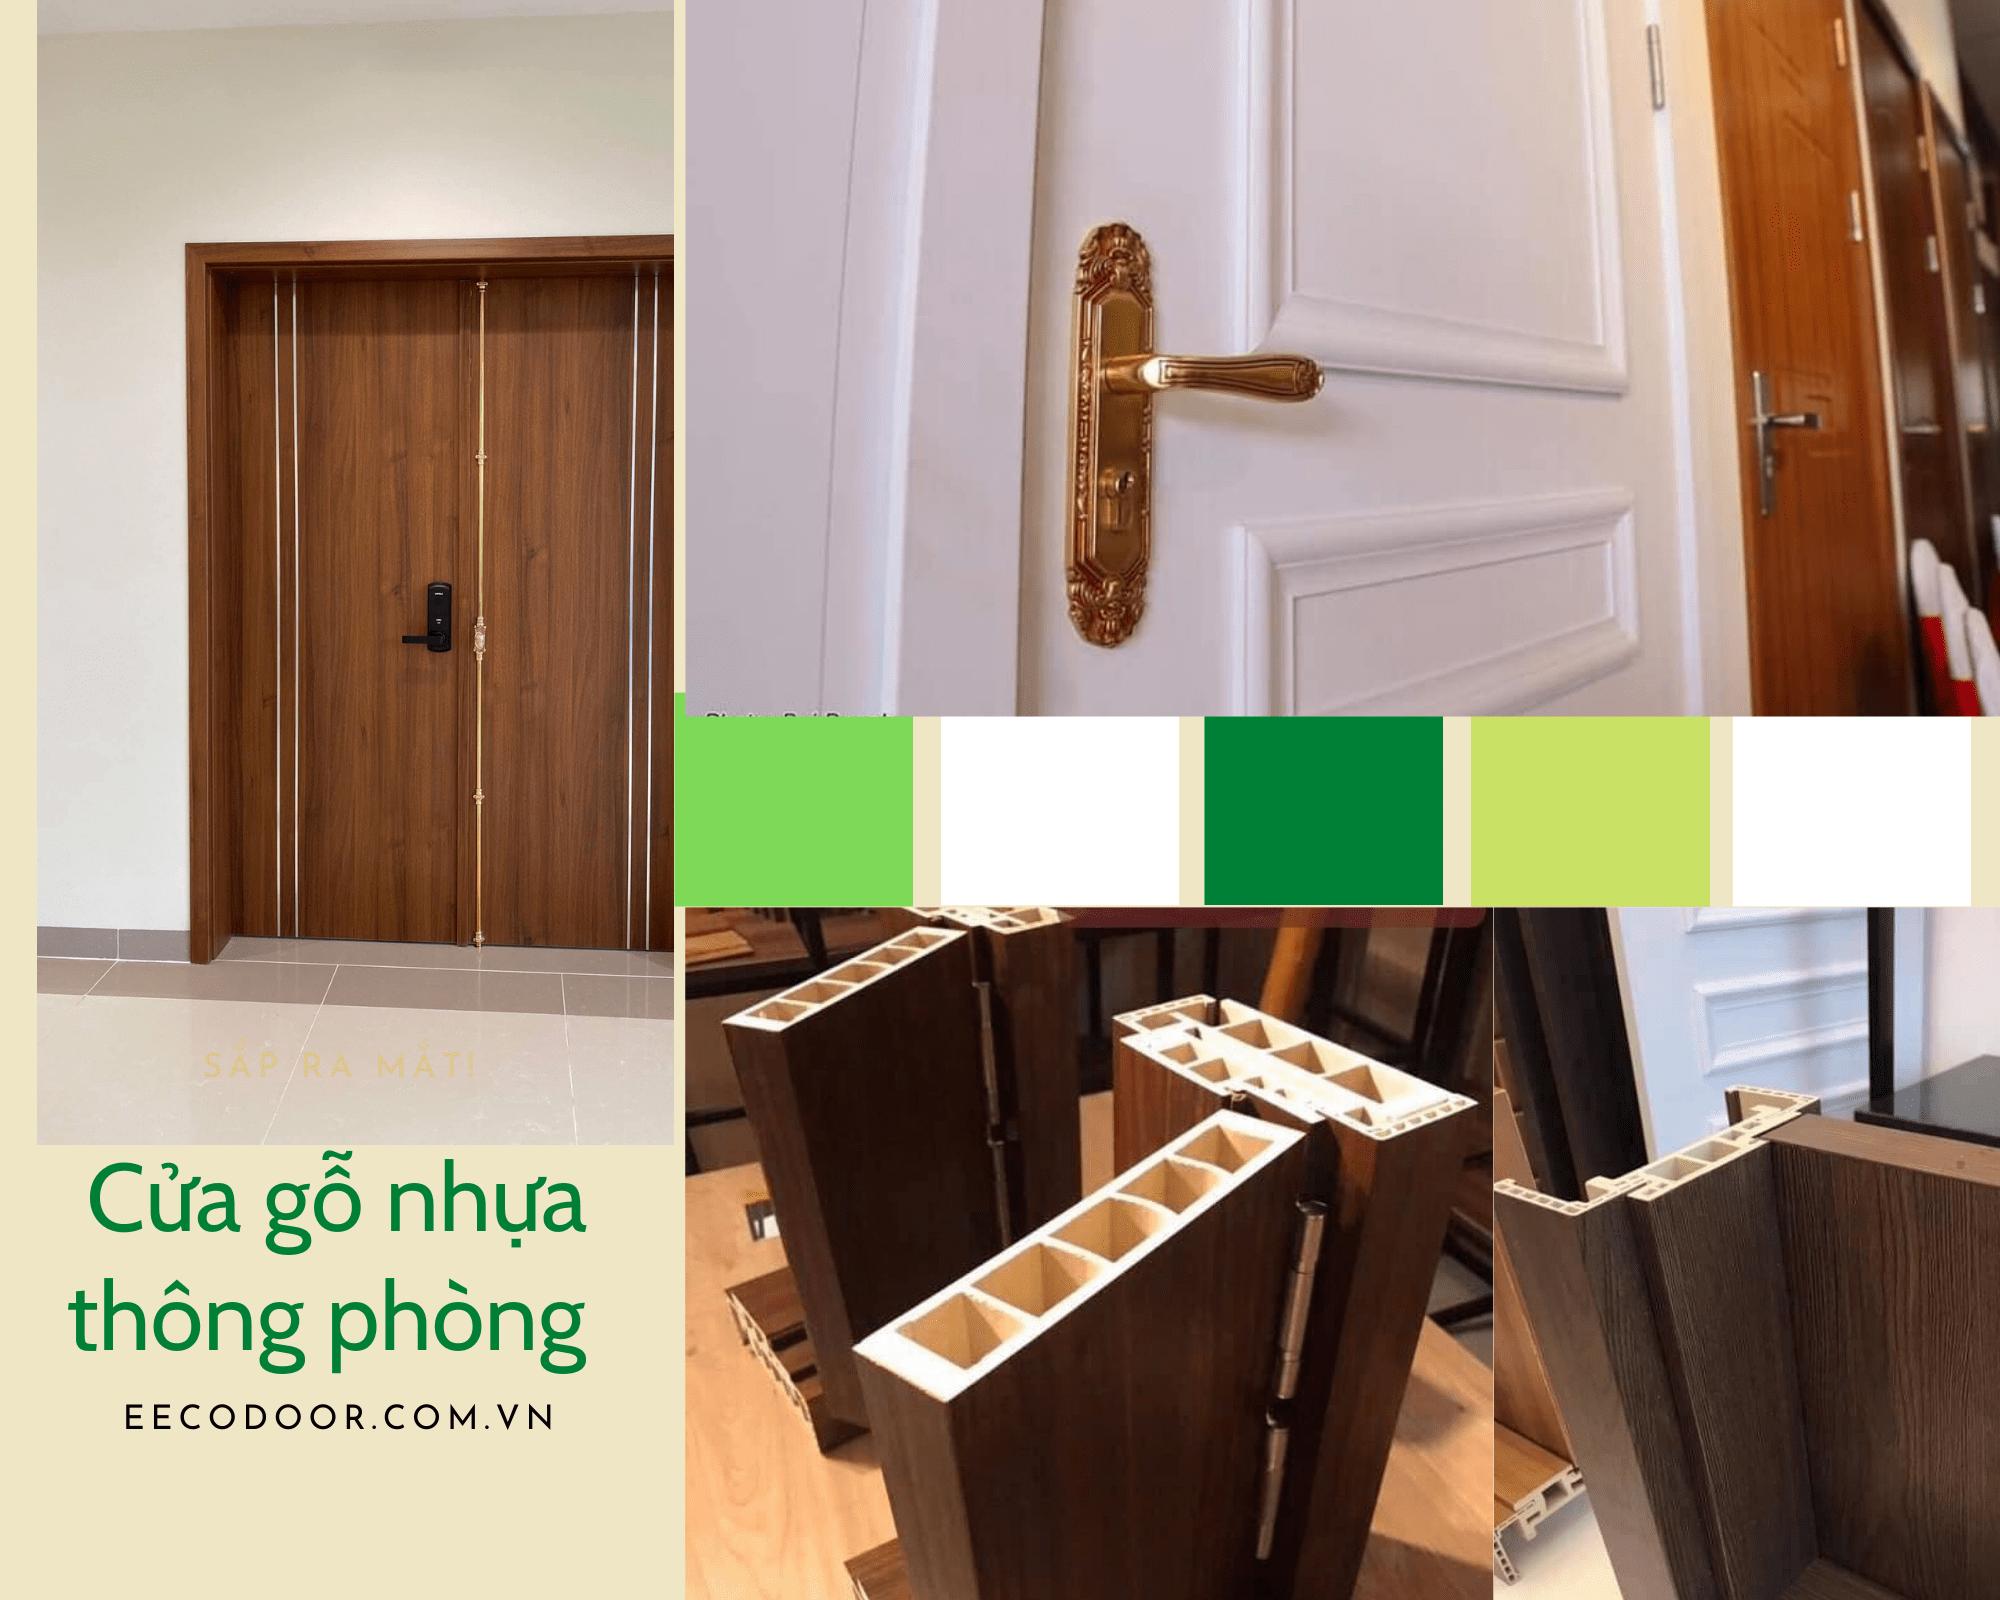 Ecodoor chuyên cung cấp các dòng cửa nhựa giả gỗ giá rẻ tại Hà Nội